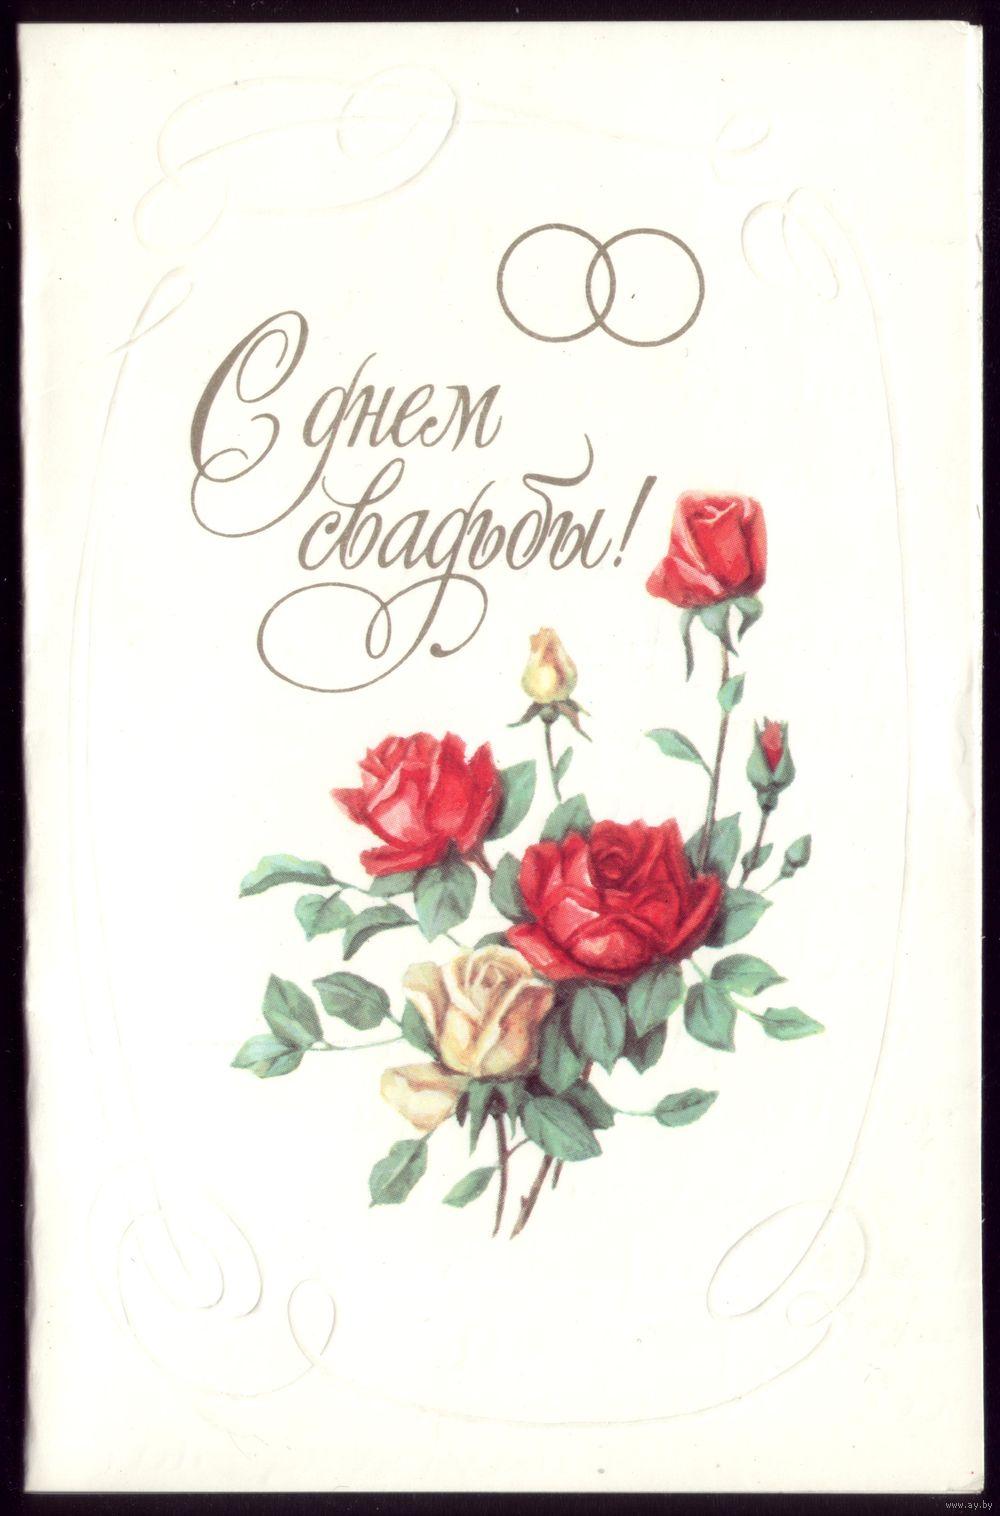 Поздравления с днем свадьбы русский стиль